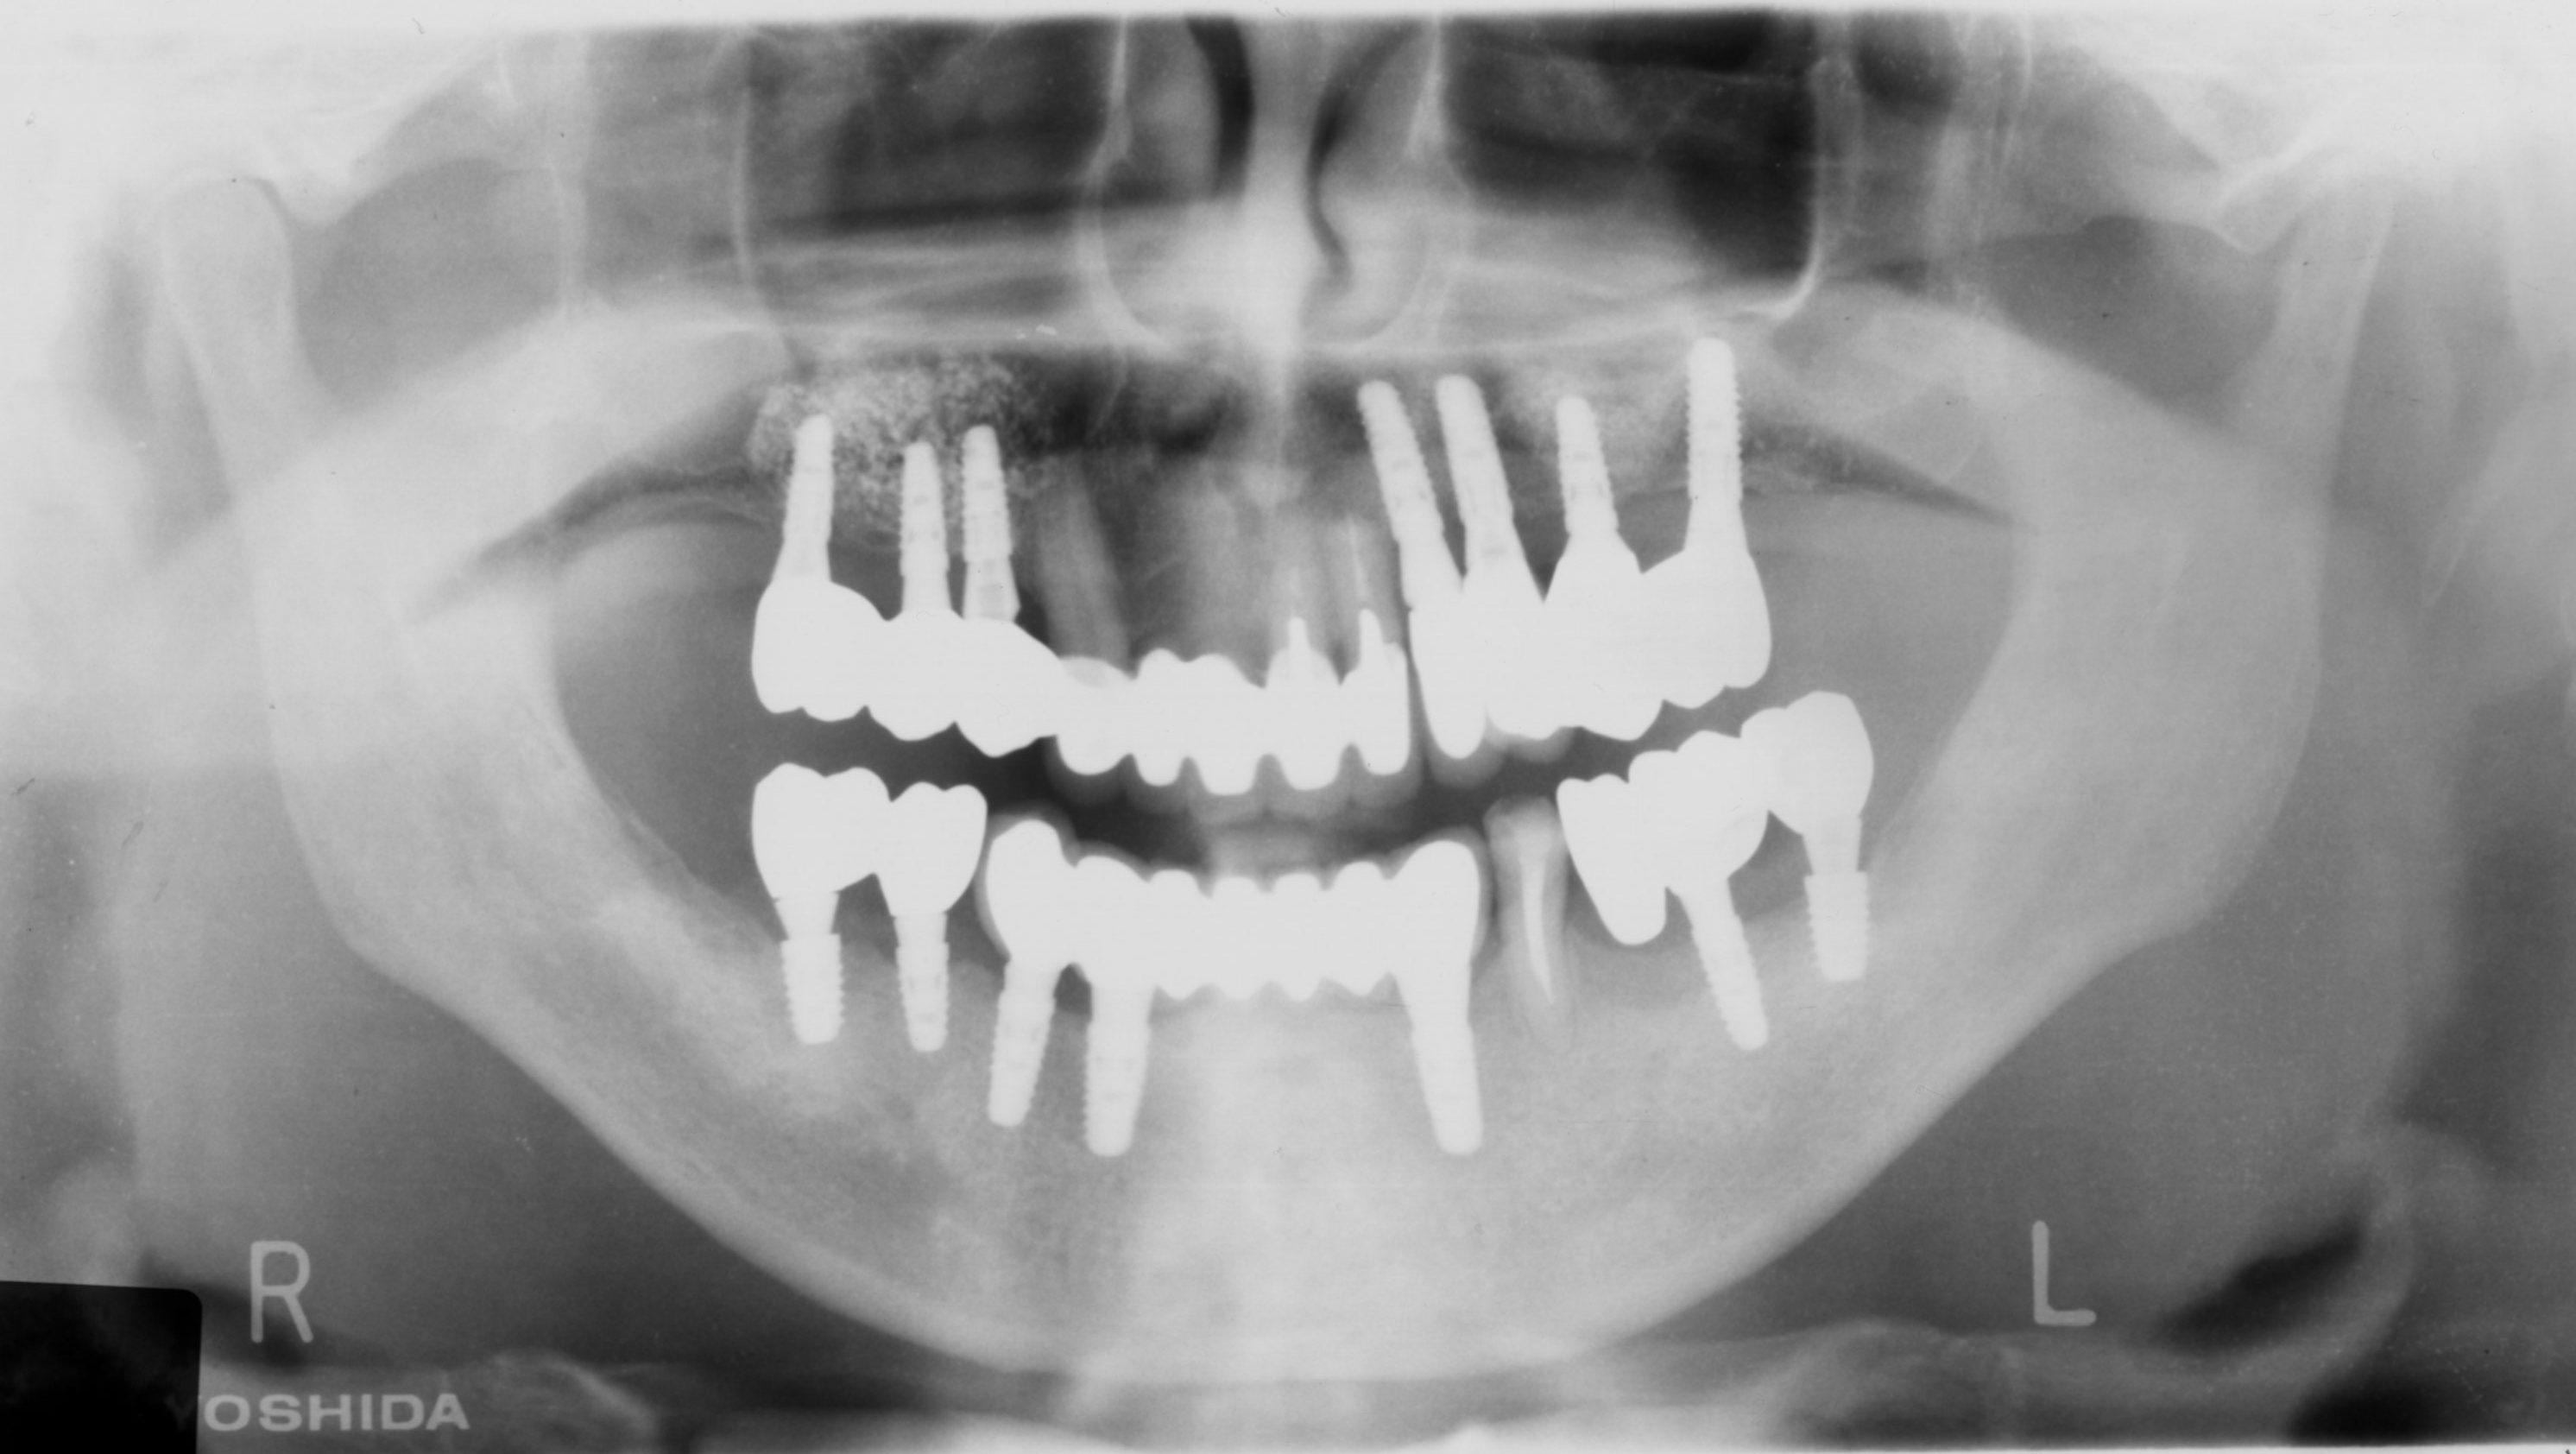 重度歯周病患者のインプラント治療